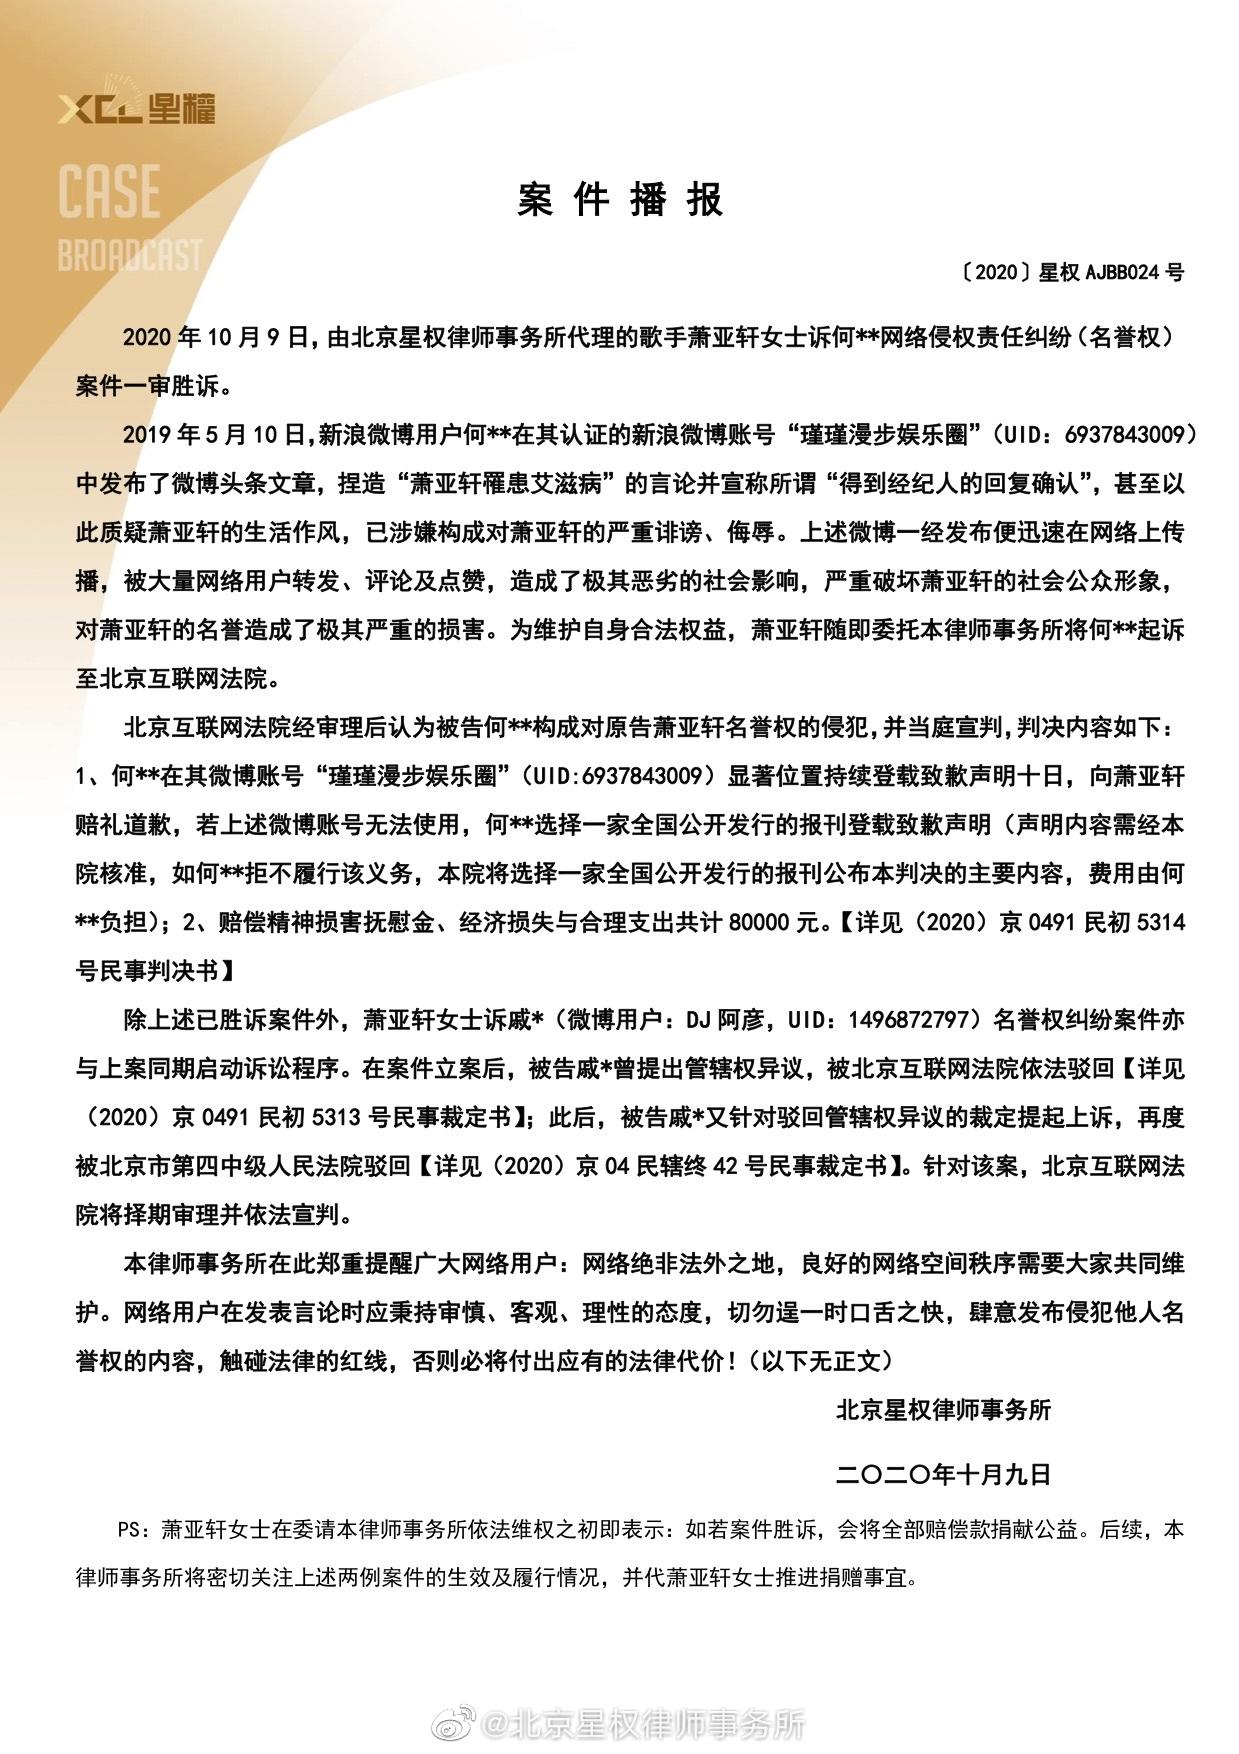 萧亚轩名誉权案一审胜诉,所得赔偿8万元将全部捐献公益图片